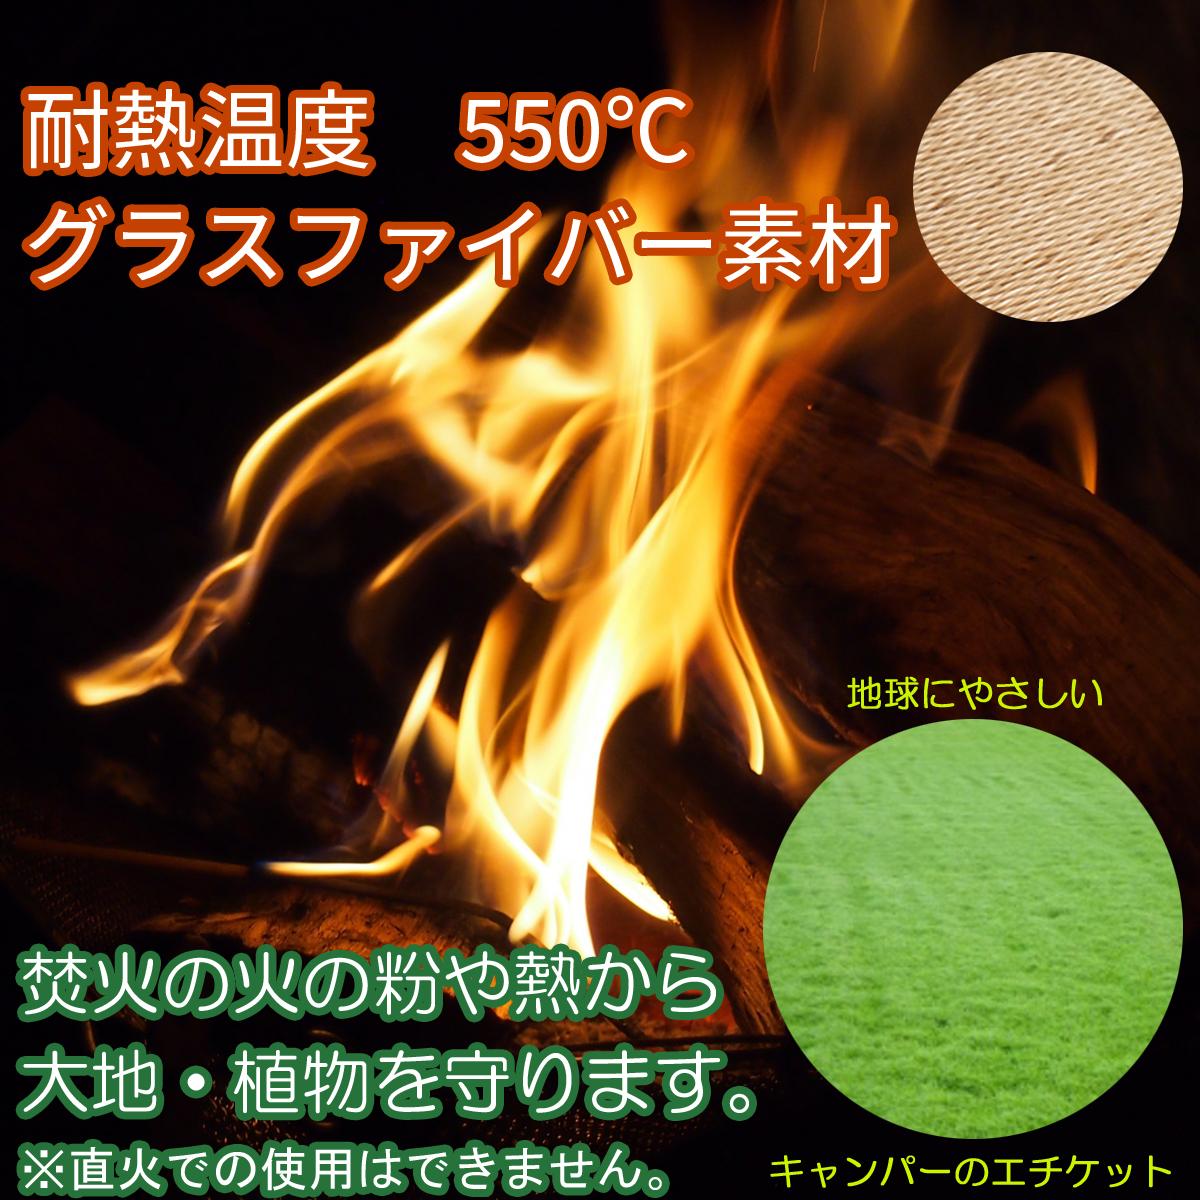 焚火マット 耐熱マット 耐熱温度